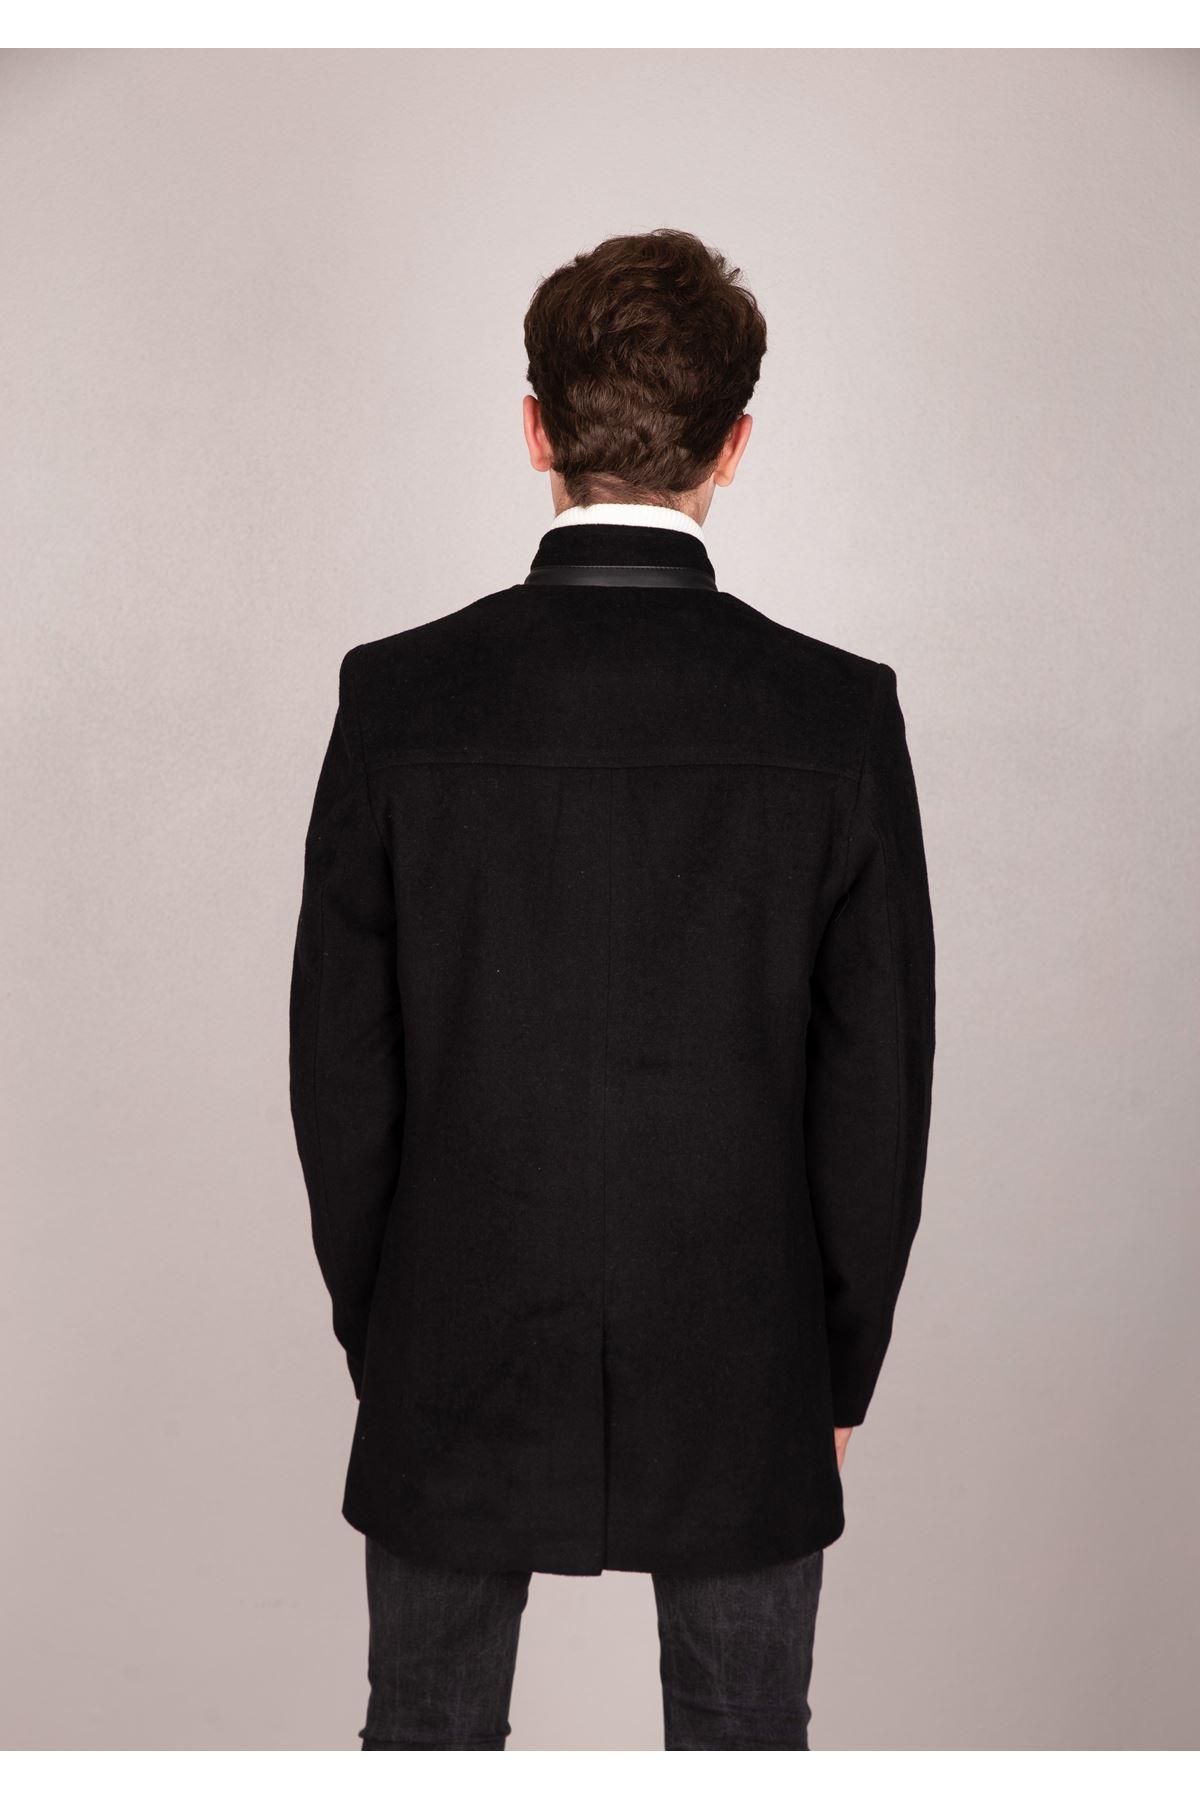 Erkek Deri Fermuarlı Siyah Kaşe Kaban